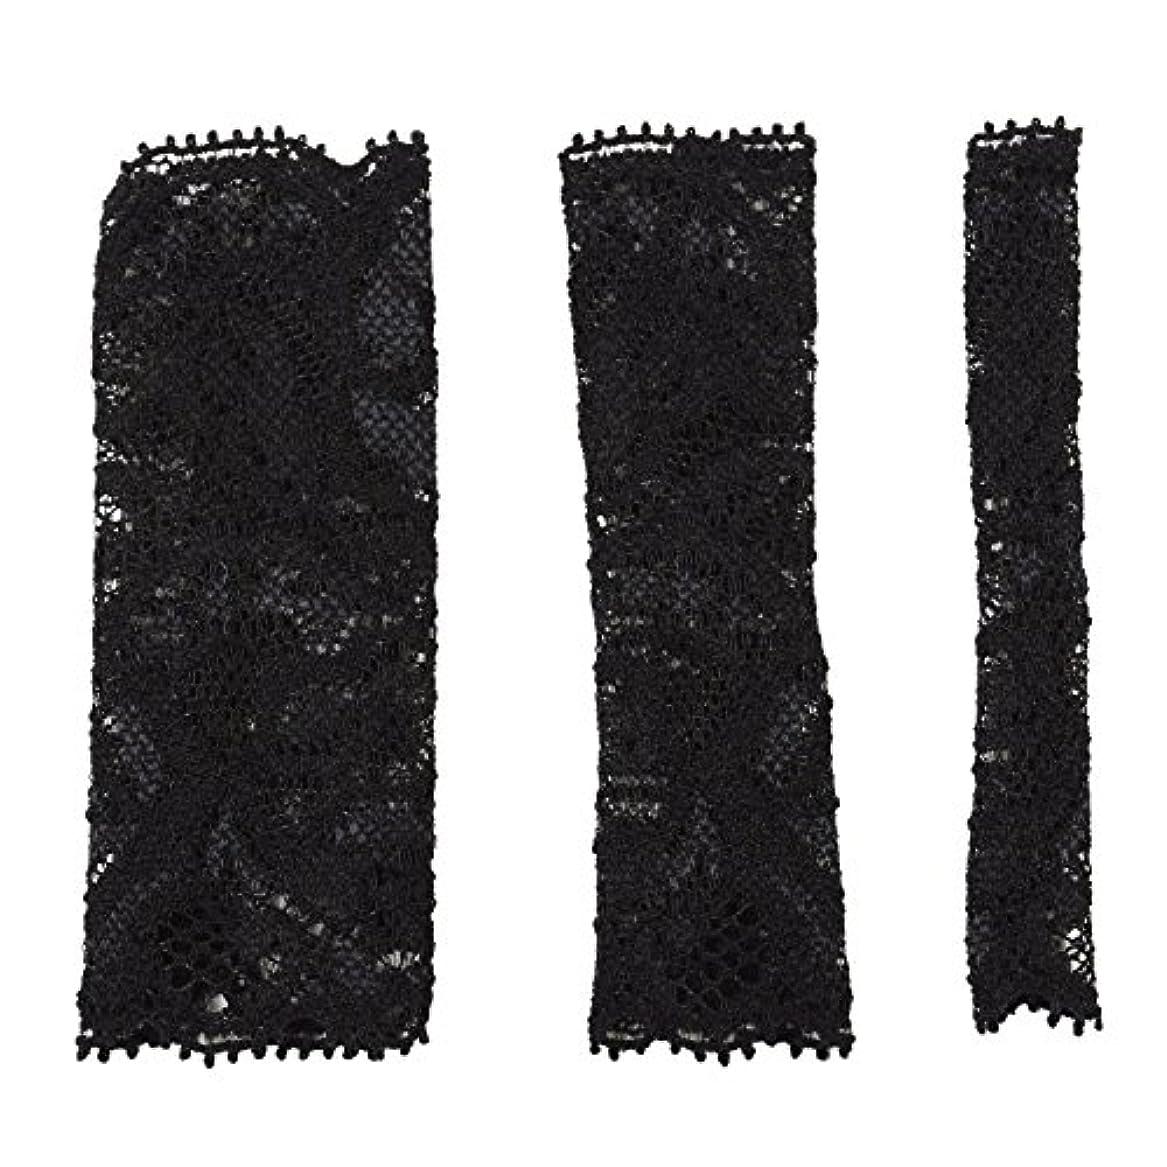 シードクロニクル家庭教師BCL500BK 六角館さくら堂 ブラッシュキャップ3枚セット ブラック パウダーブラシ チークブラシ アイシャドーブラシ各1枚 ほこりや汚れからブラシから守る 化粧筆カバー ブラシキャップ ブラシカバー レース 特許申請済レース